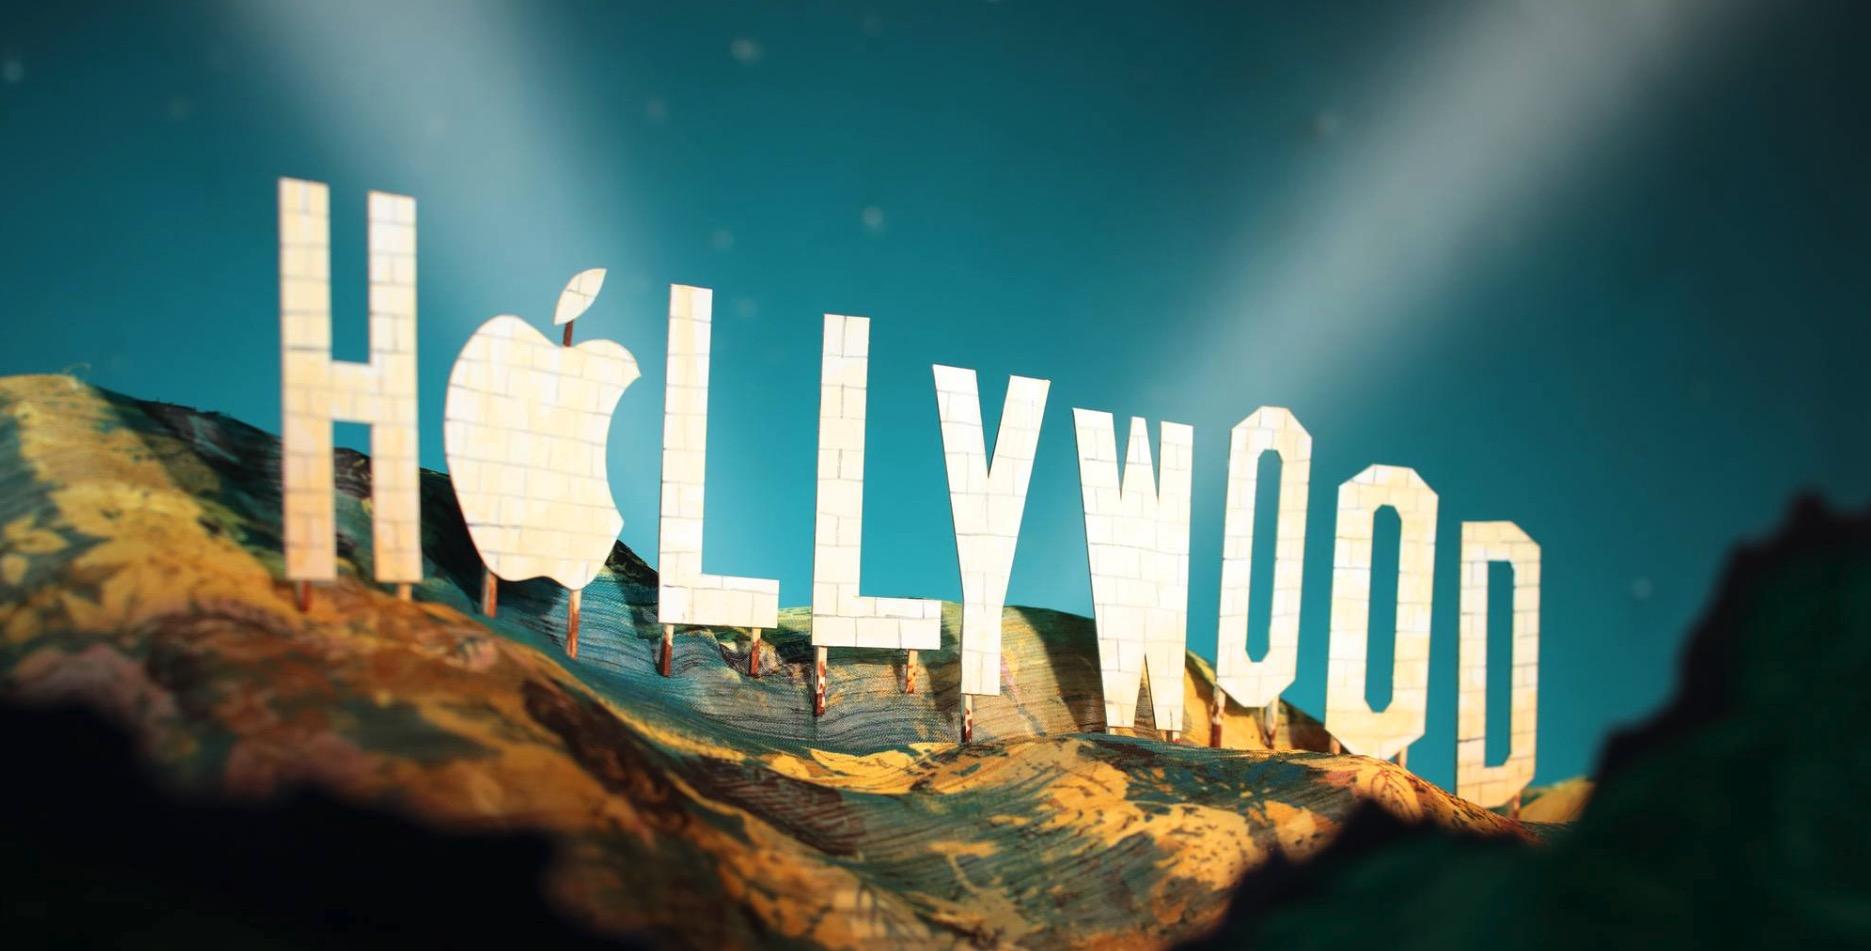 蘋果的好萊塢夢想紅線:自制劇不可玷污品牌形象